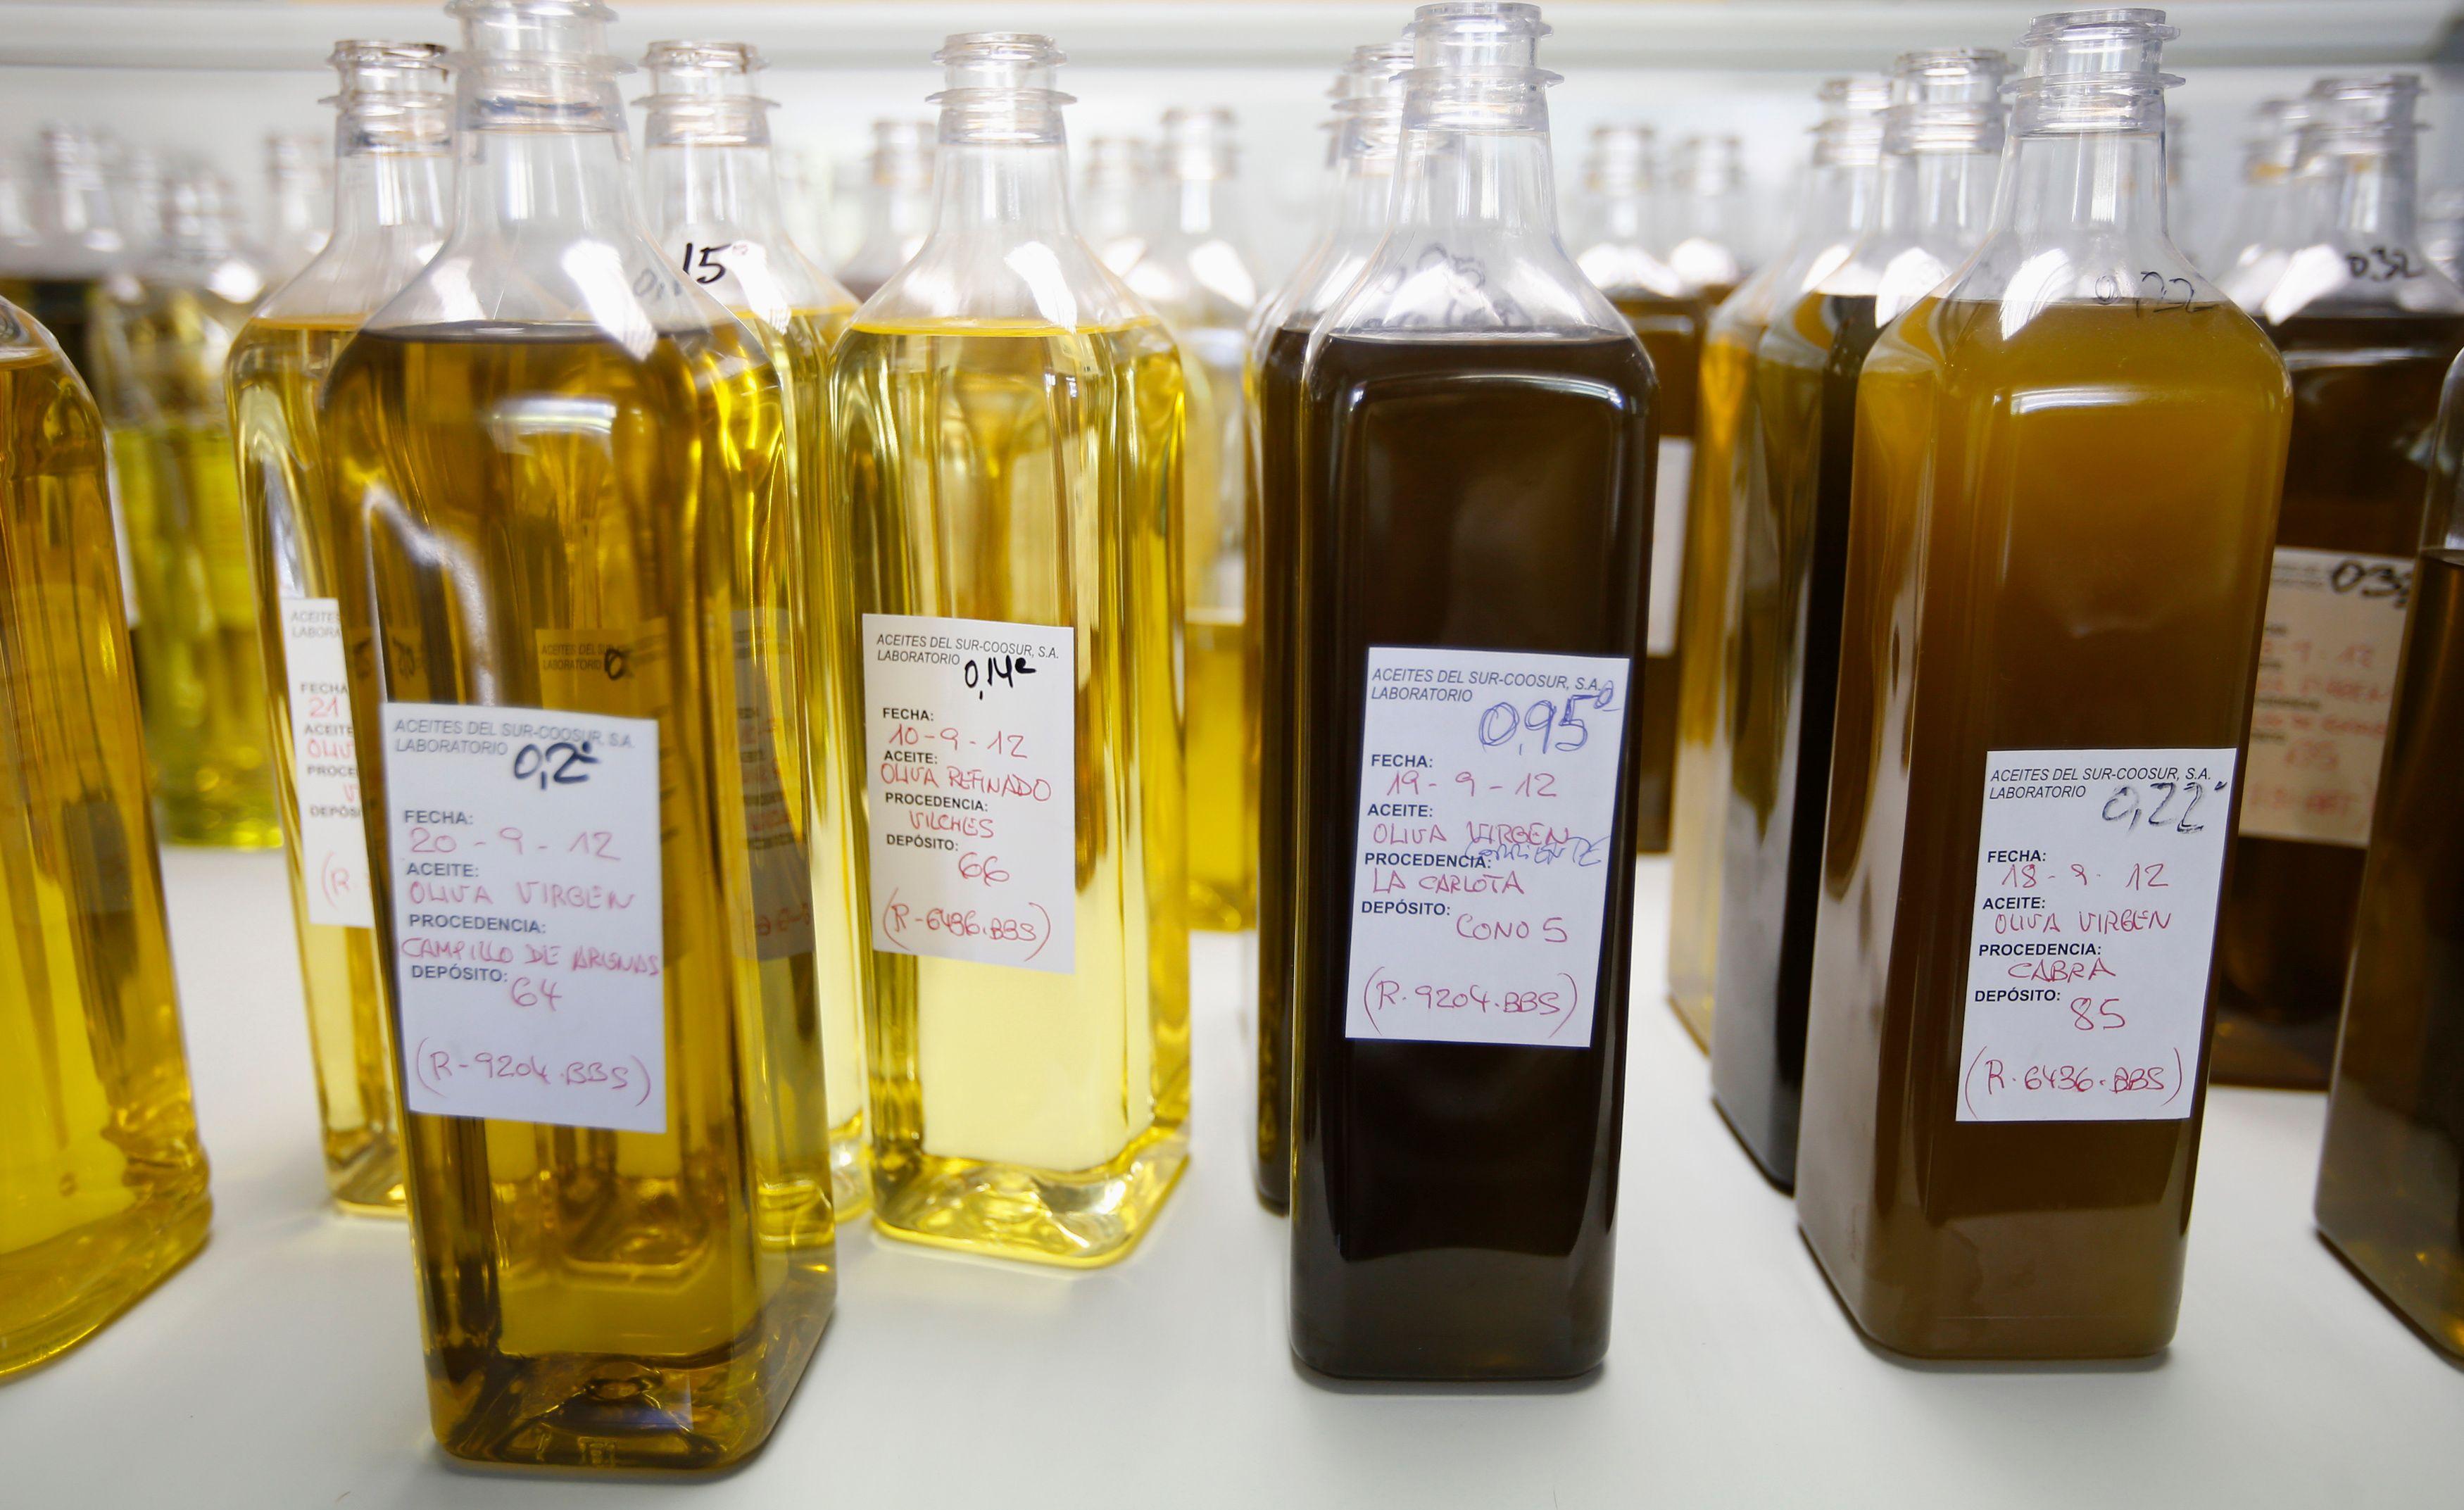 Des journalistes américains ont dénoncé une fraude massive à l'huile d'olive en Europe.